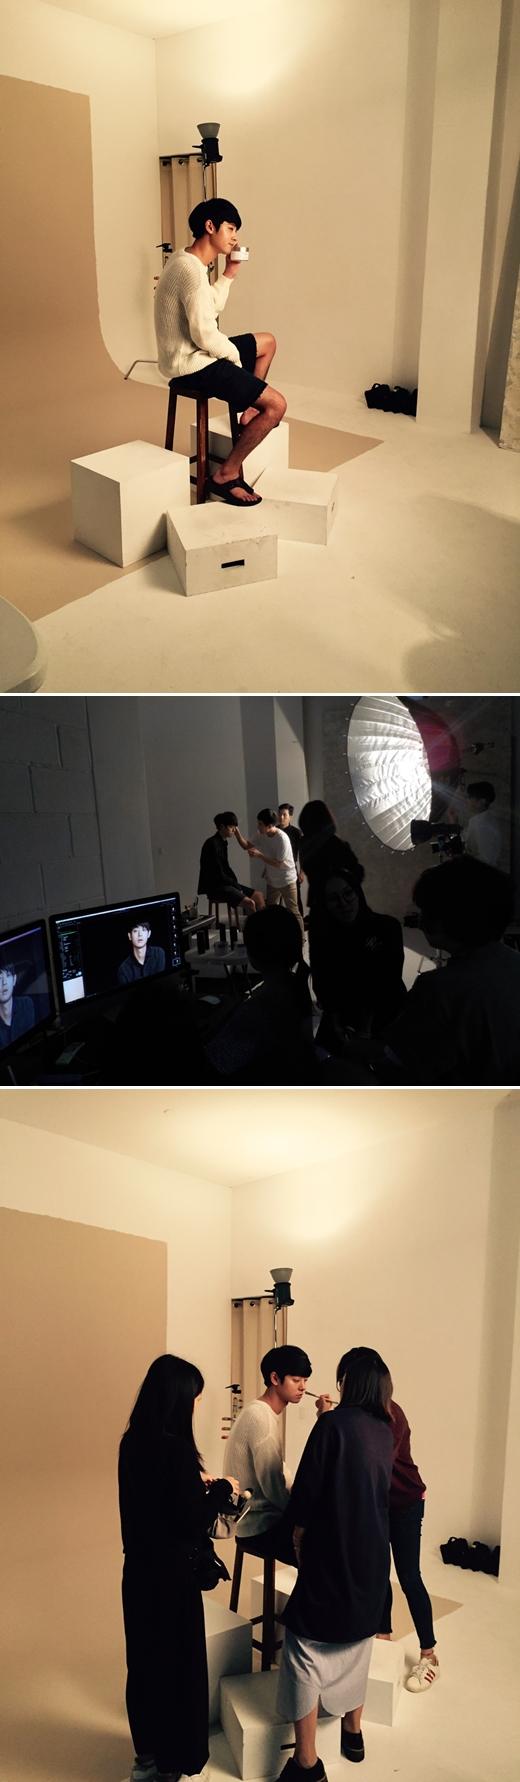 시에로 코스메틱, 정준영 광고 촬영 현장 공개